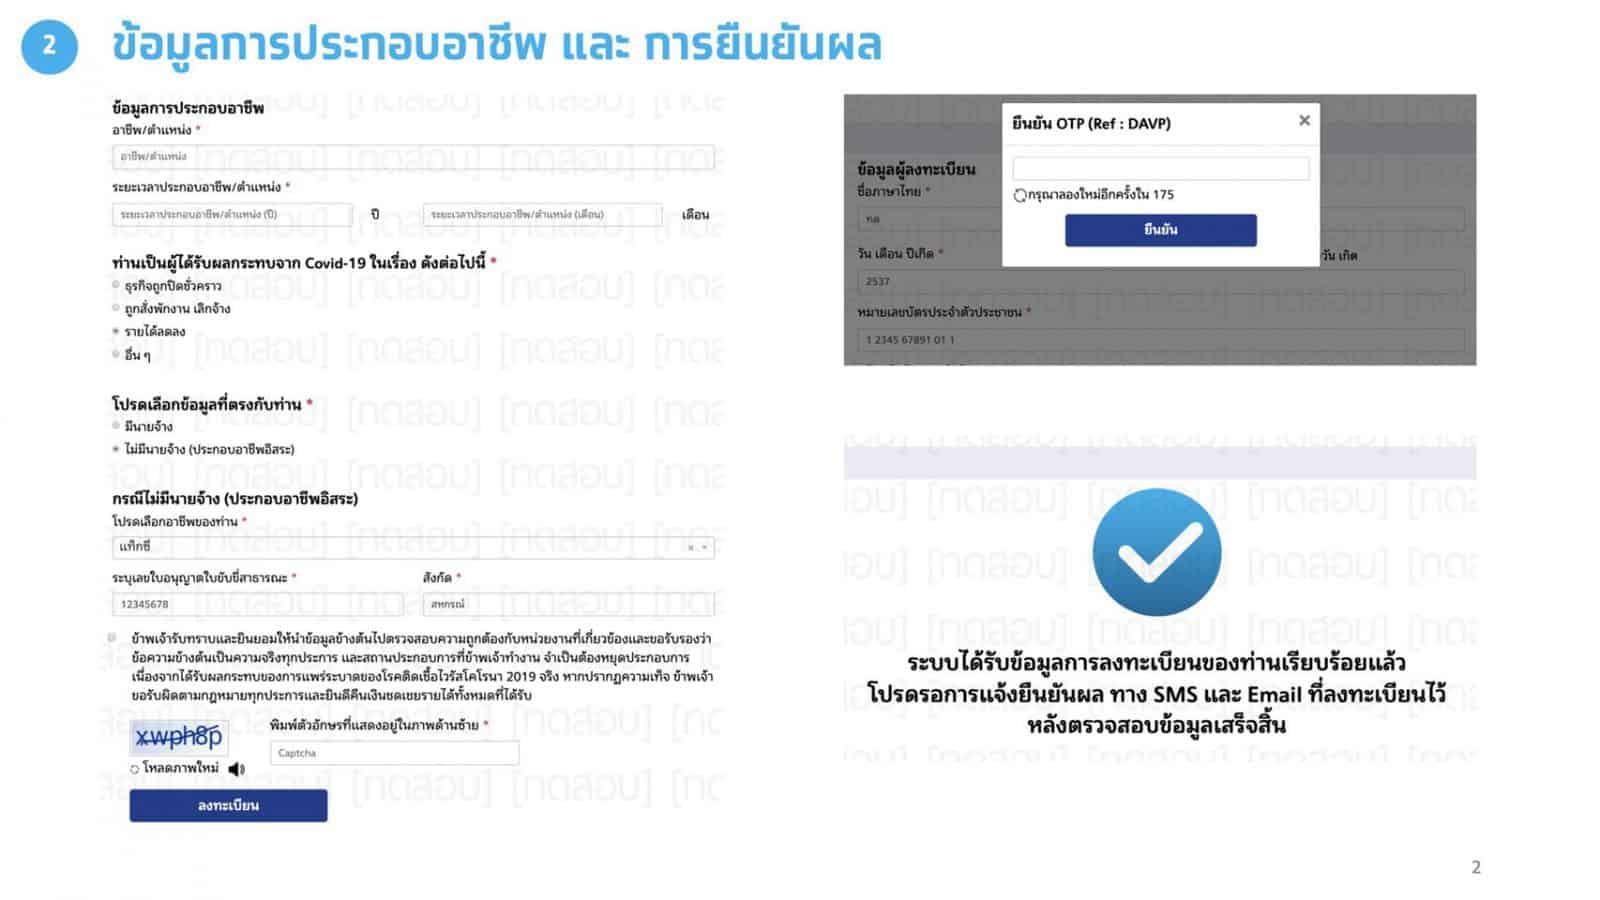 ตัวอย่างการลงทะเบียน มาตรการเยียวยา 5000 หน้าเว็บไซต์เราไม่ทิ้งกัน.com